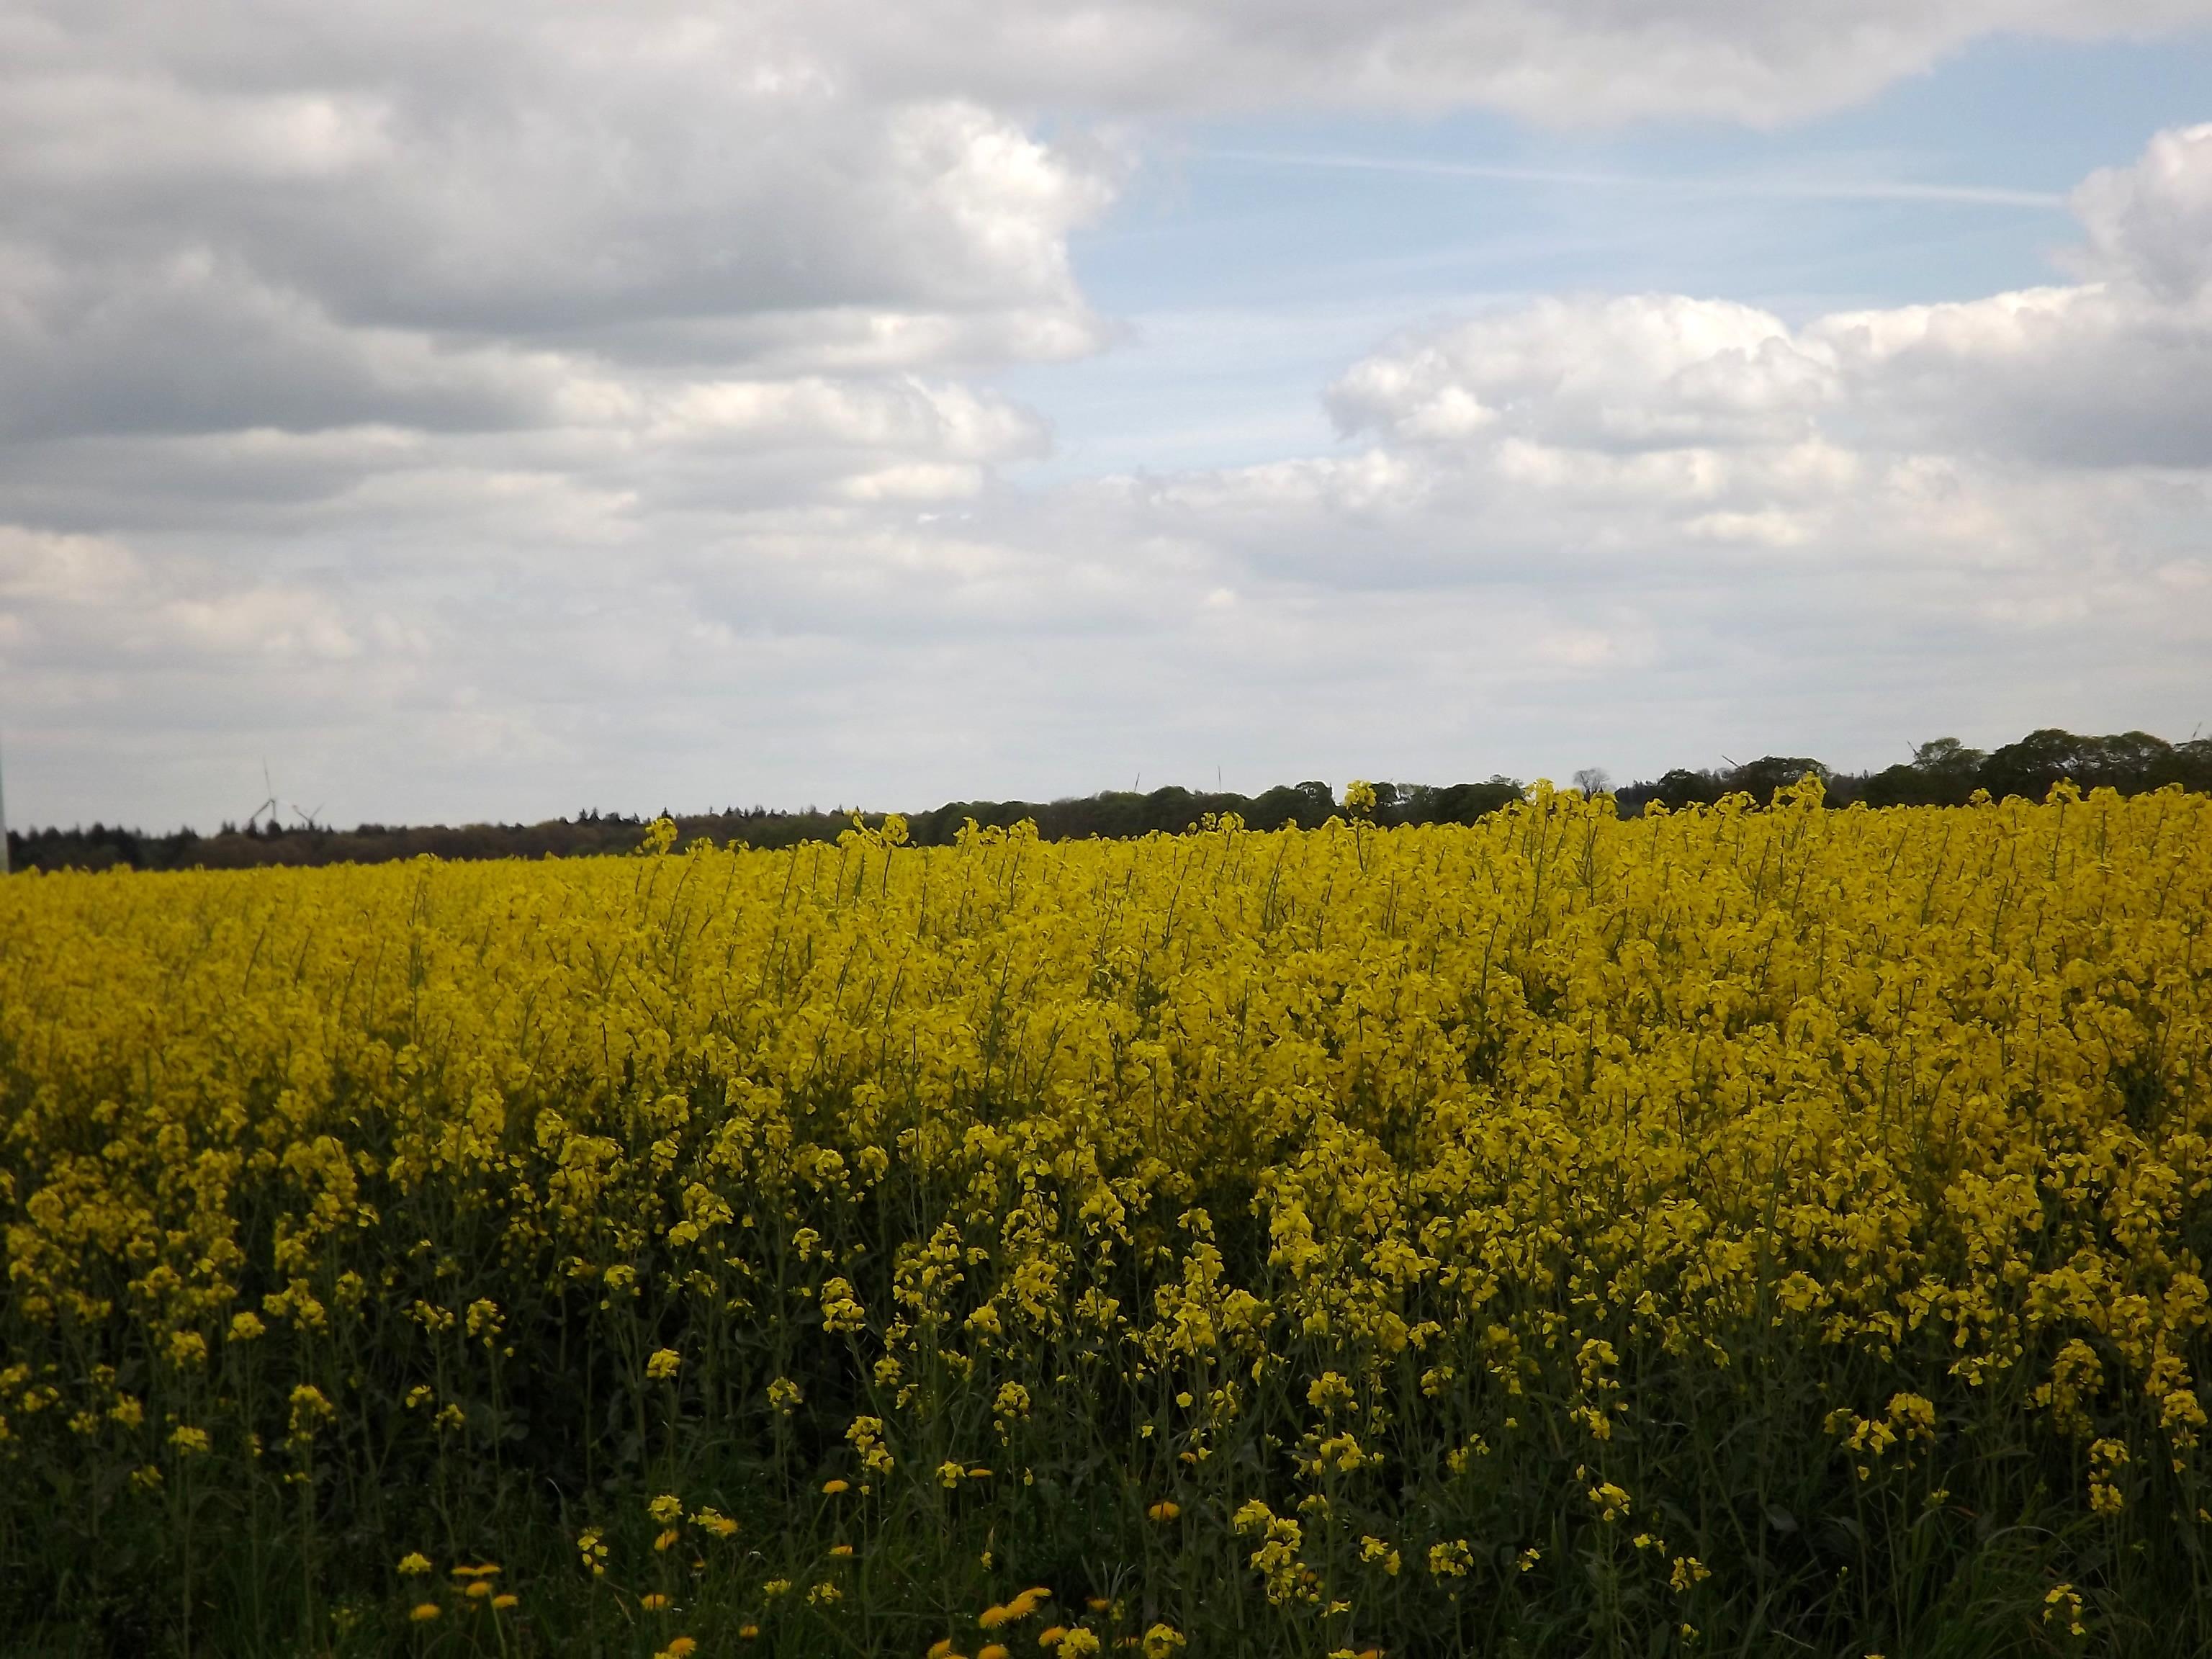 6009-gelbes-feld-wolken-sonnenschein